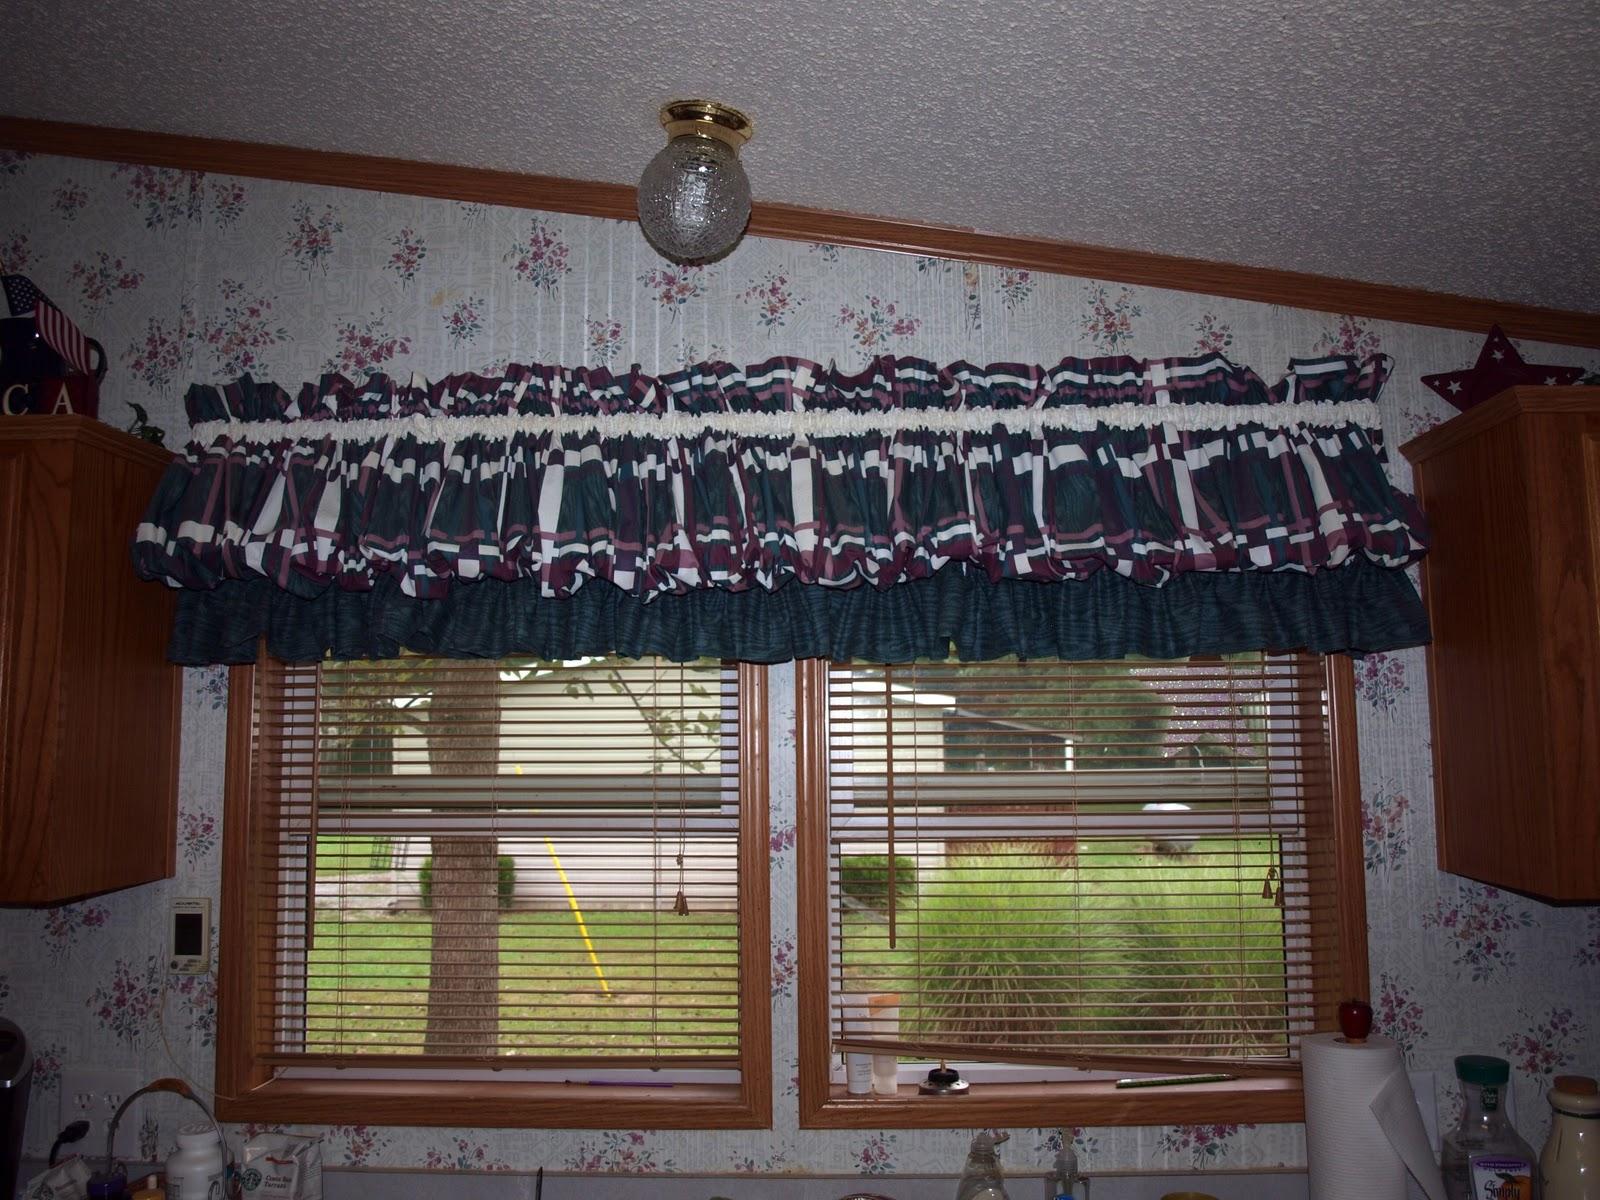 /AAAAAAAABC8/BMiXpWU89k/s1600/Kitchen+Curtains+001_picnik.